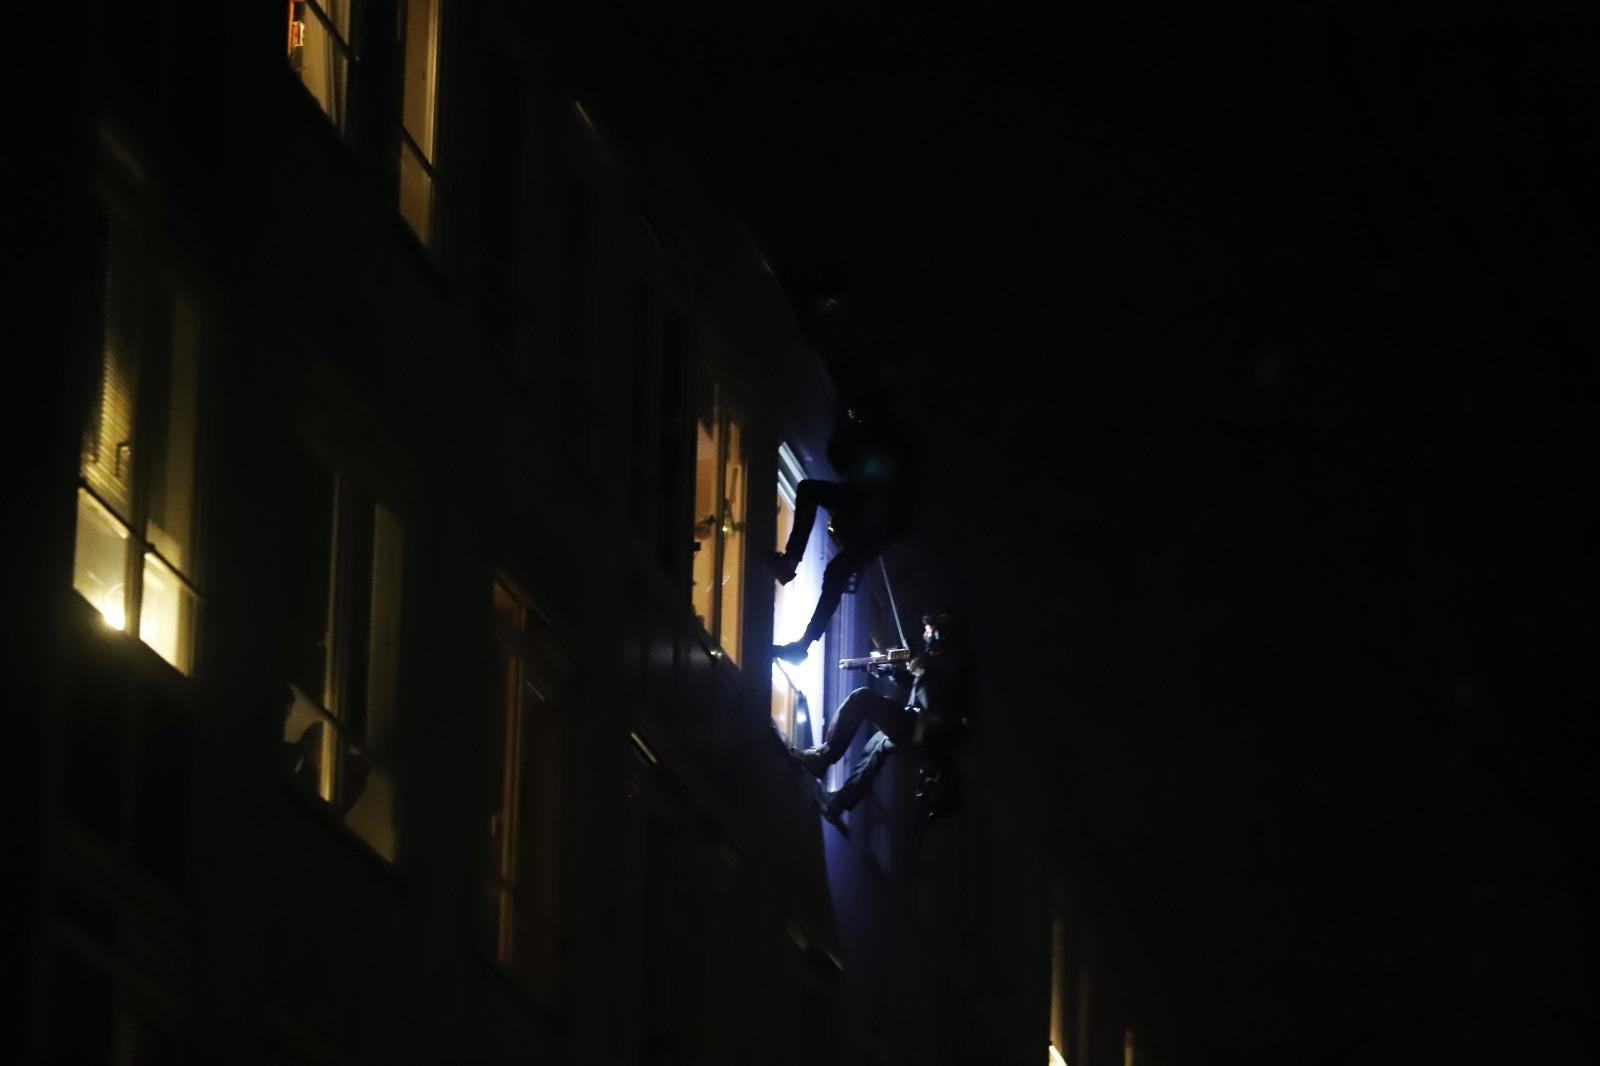 Arrestatieteam zet man uit woning Gouda